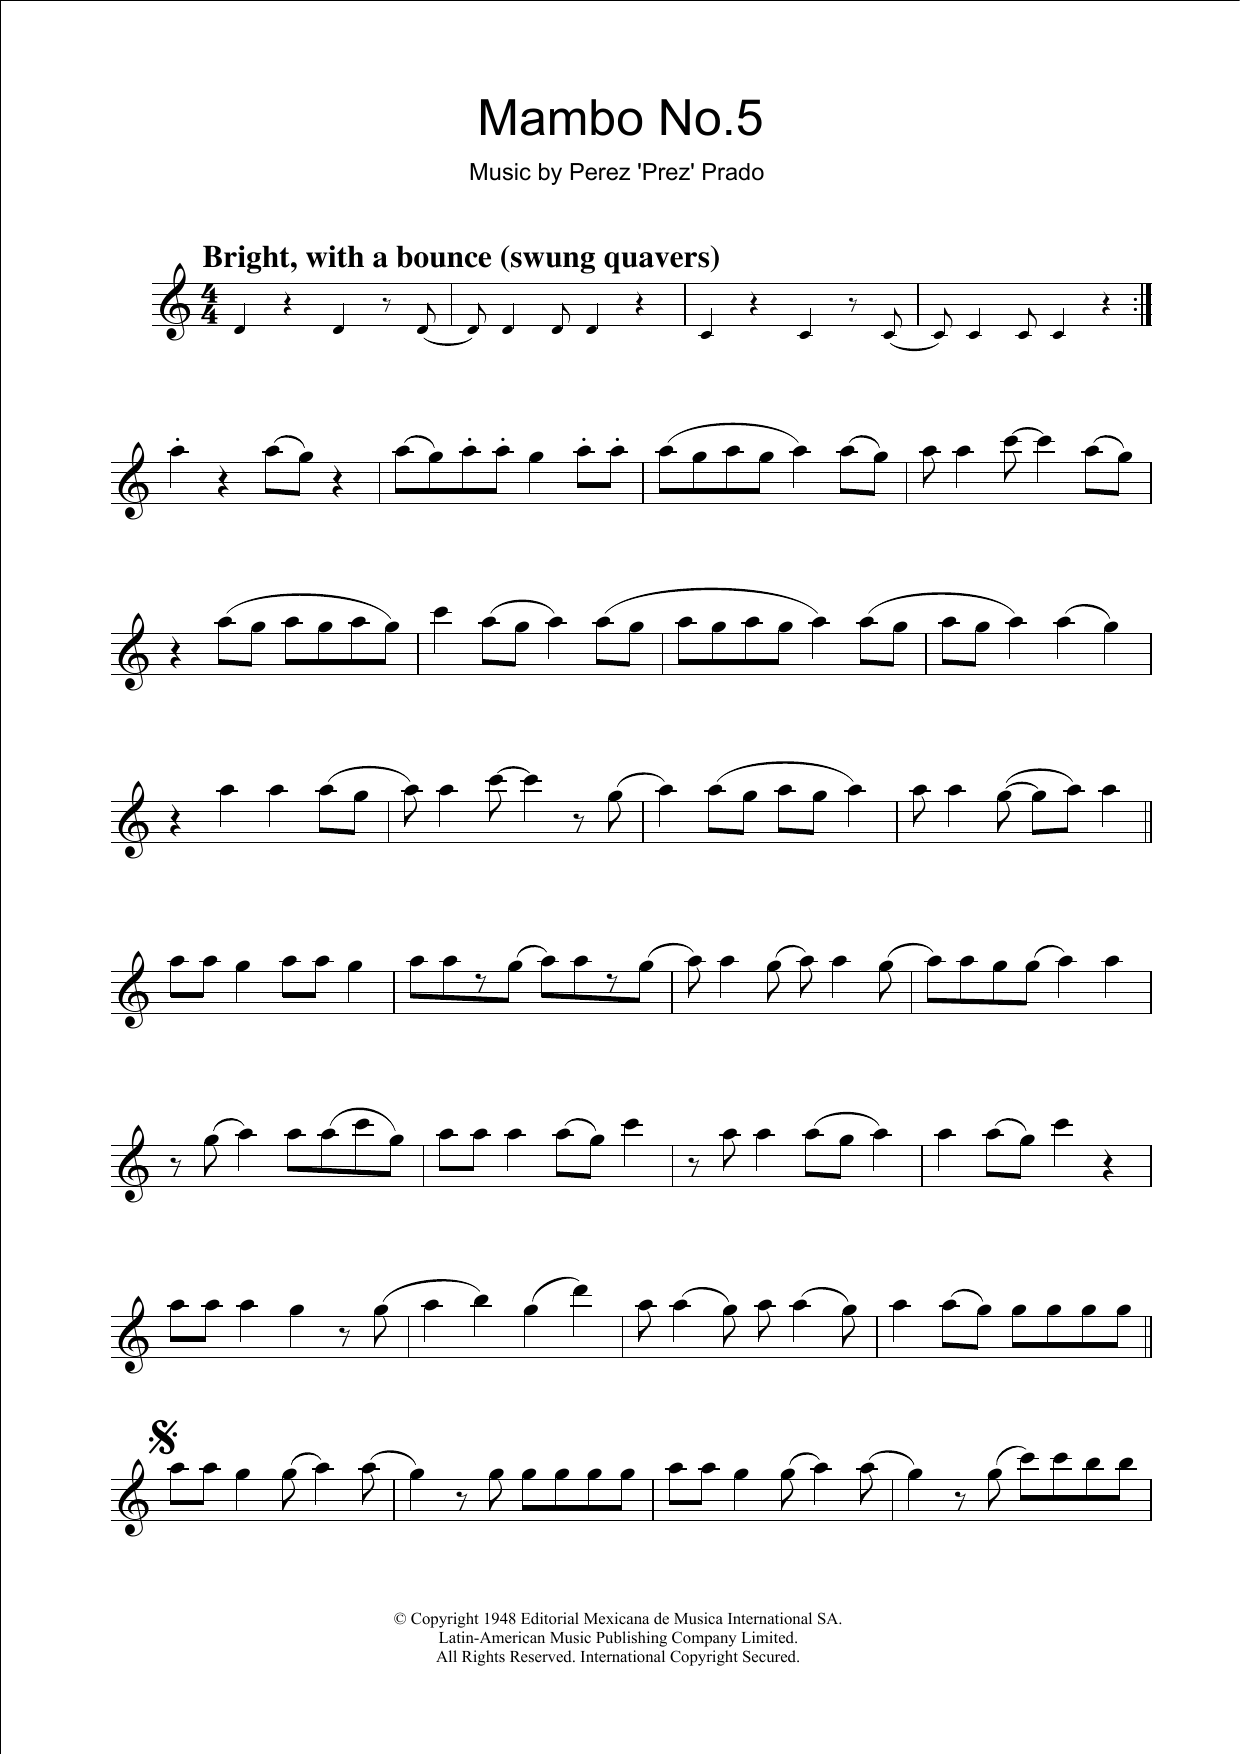 Mambo No. 5 Sheet Music